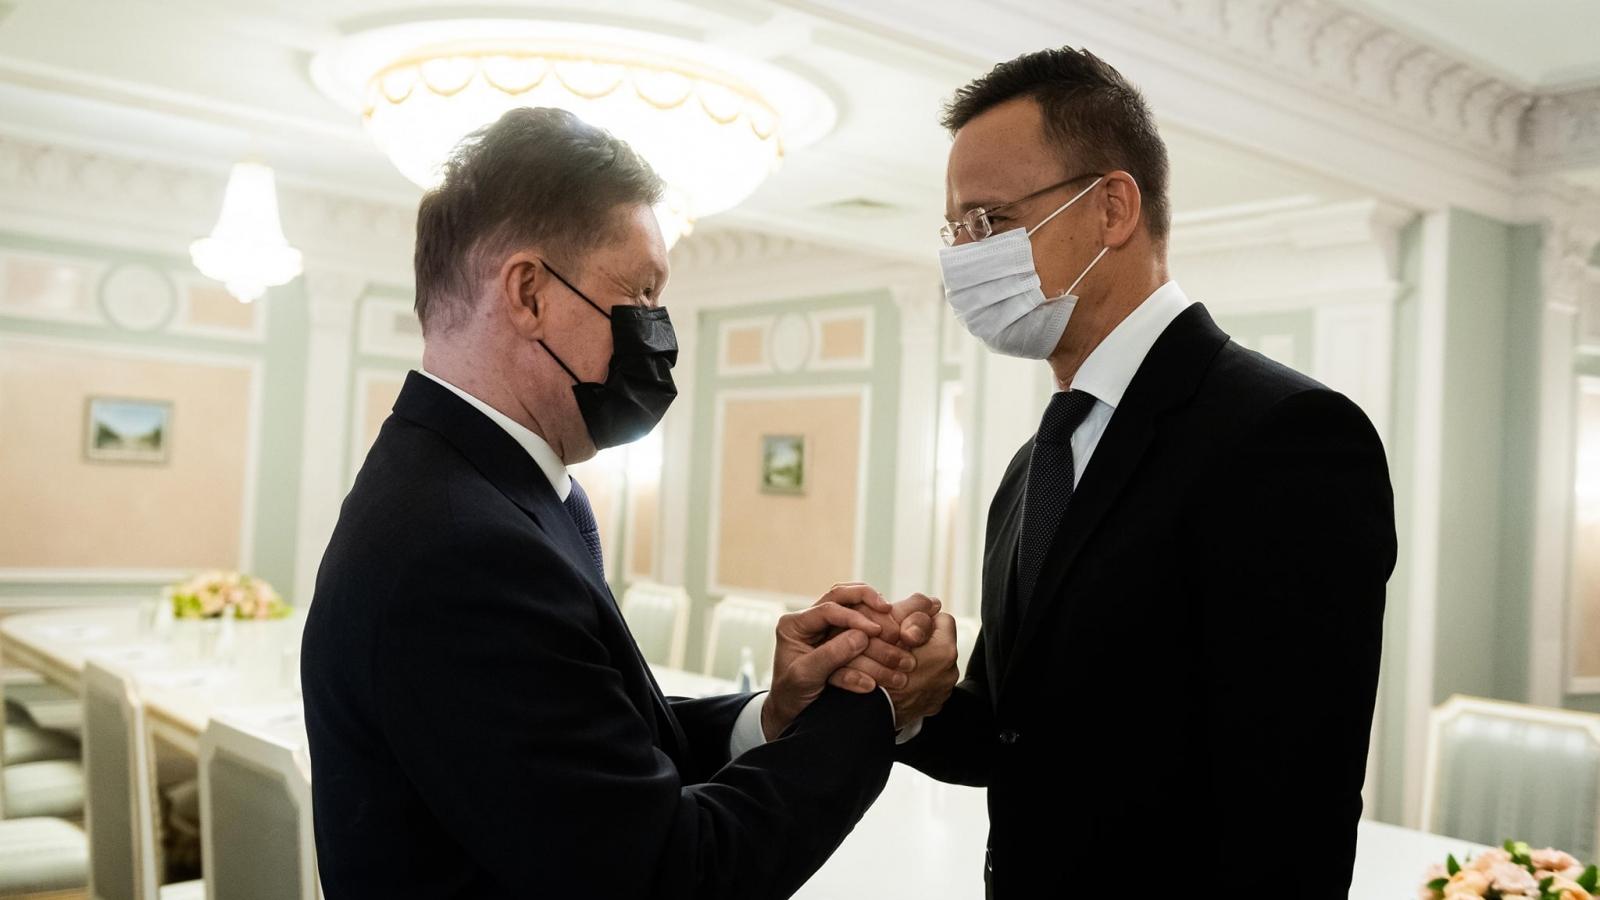 Hungary và Nga đạt thuận sơ bộ về cung cấp khí đốt dài hạn